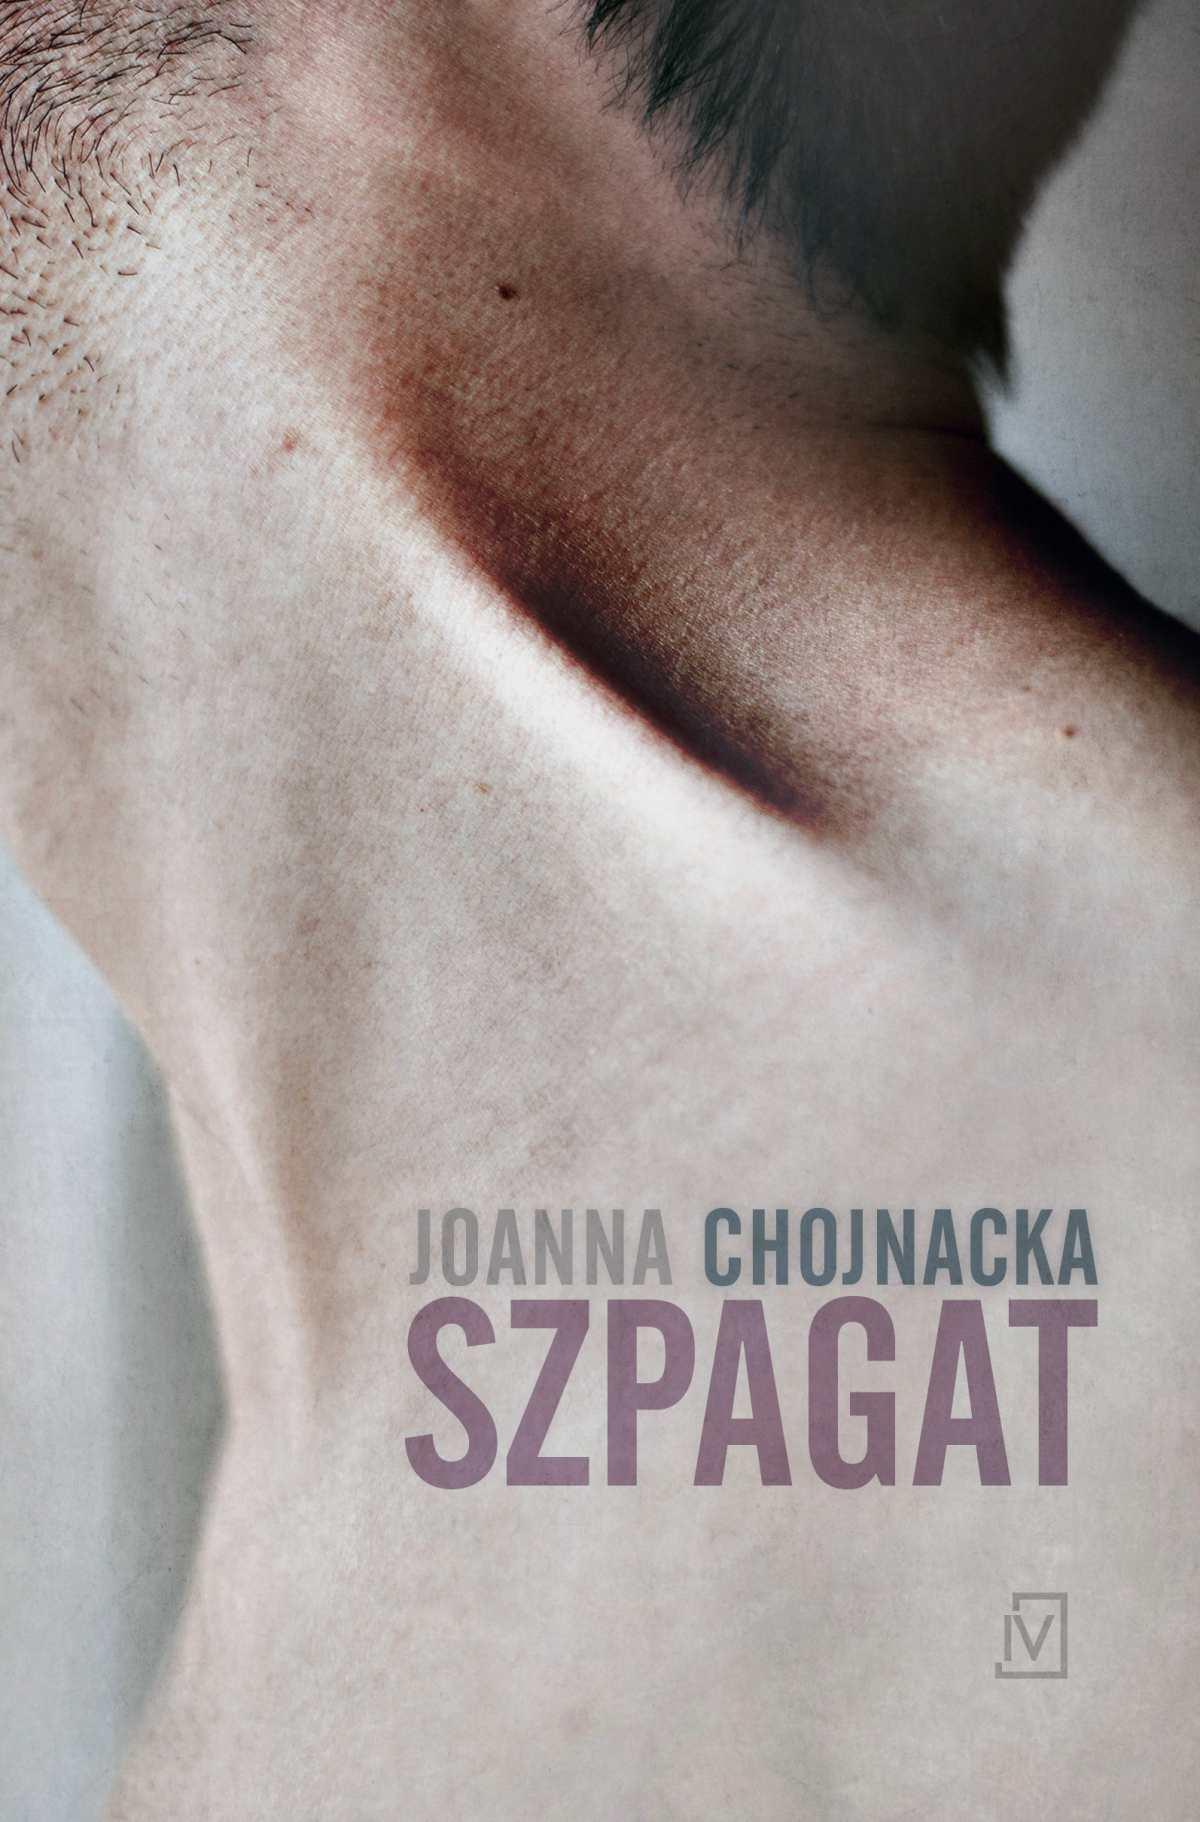 Szpagat - Ebook (Książka EPUB) do pobrania w formacie EPUB